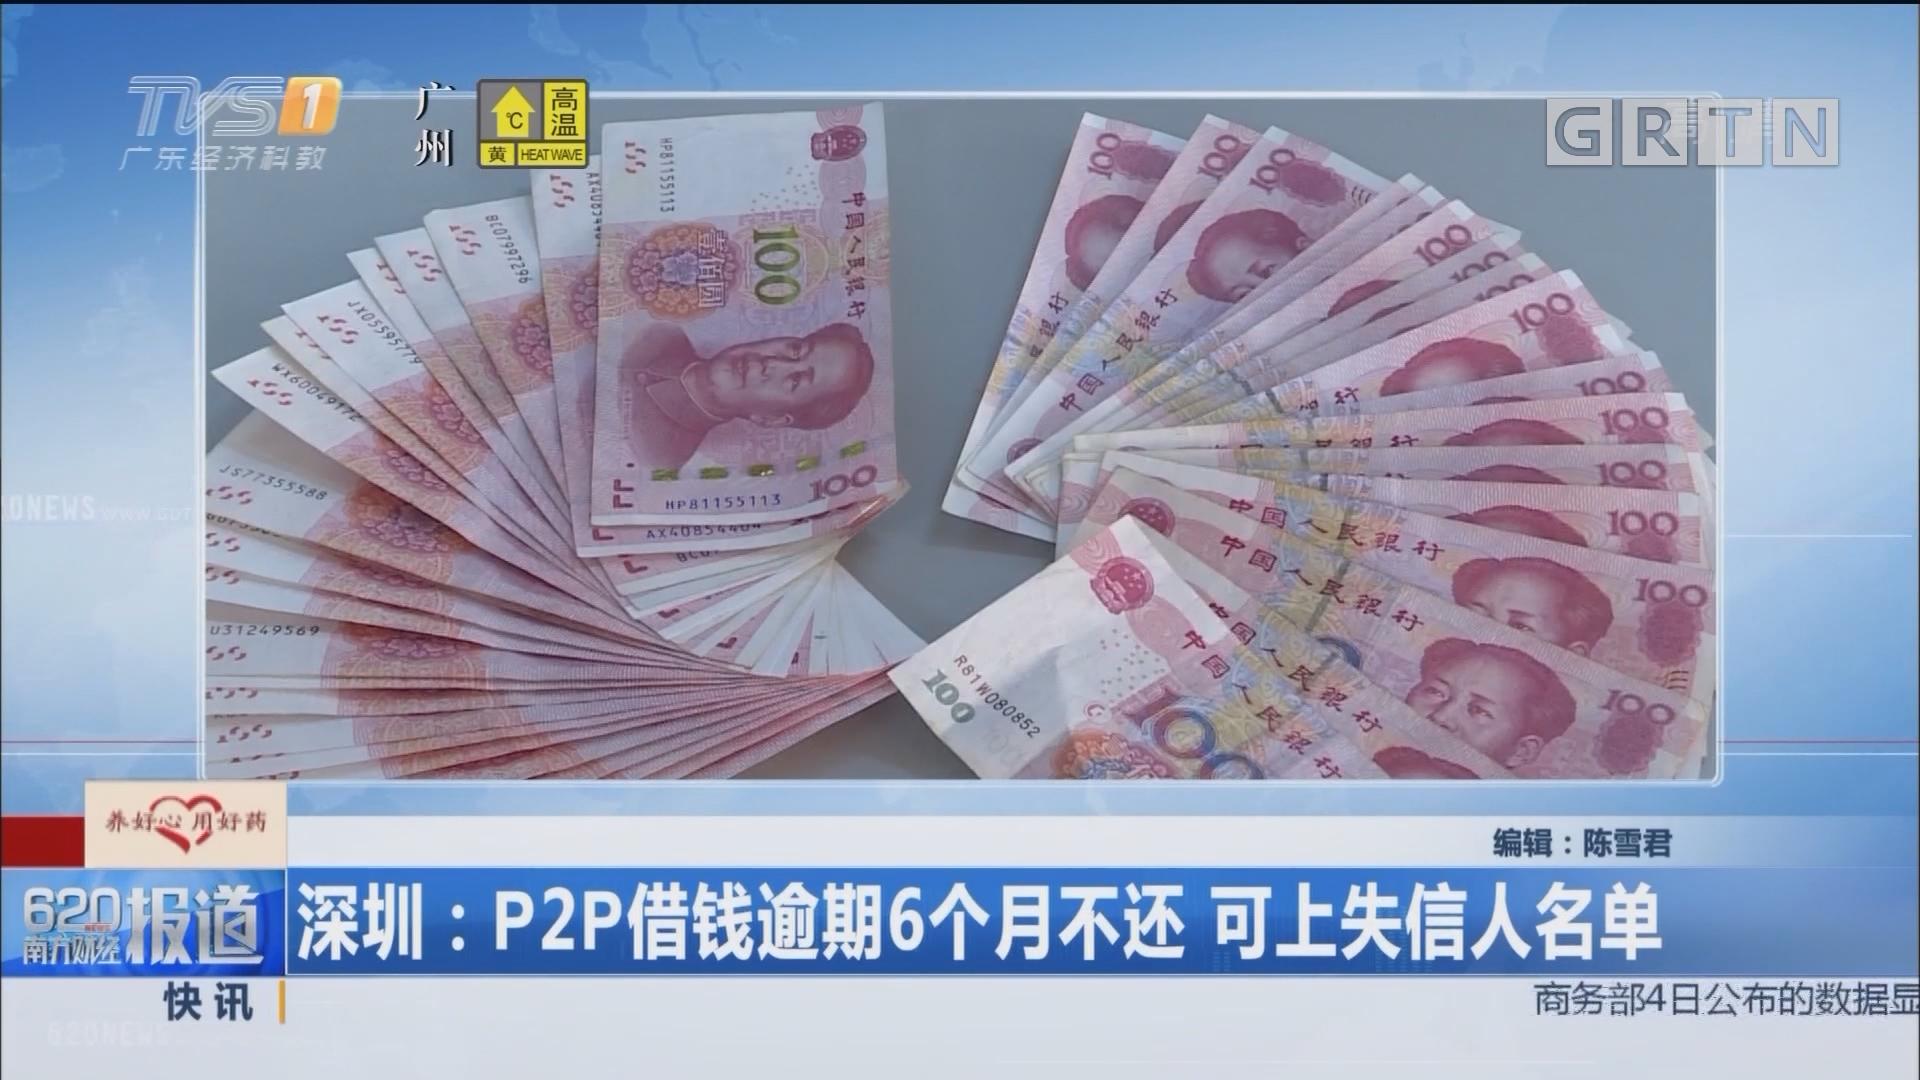 深圳:P2P借钱逾期6个月不还 可上失信人名单